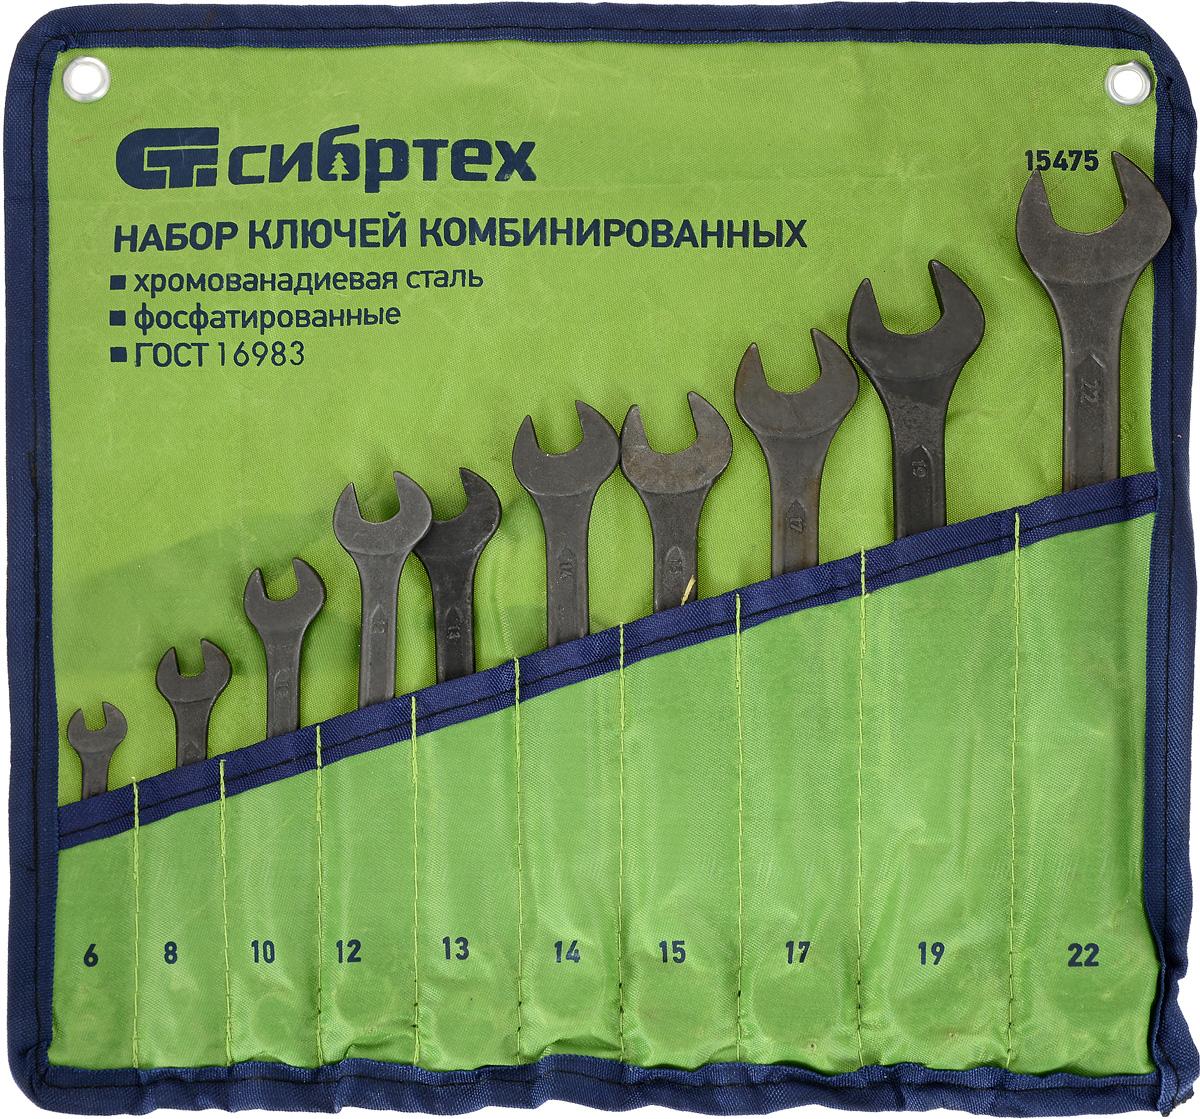 Набор ключей комбинированных Сибртех, фосфатированные, 10 шт15475Набор комбинированных ключей Сибртех предназначен для монтажа и демонтажа резьбовых соединений. Они изготовлены из хромованадиевой стали марки 40ХФА. Соответствуют требованиям ГОСТ 16983. Ключи изготовлены методом горячей ковки с последующей термической обработкой (отжиг, закалка и отпуск), имеют фосфатированное покрытие. В состав набора входят ключи на 6 мм, 8 мм, 10 мм, 12 мм, 13 мм, 14 мм, 15 мм, 17 мм, 19 мм, 22 мм. Твердость: 42-47 HRс.УВАЖАЕМЫЕ КЛИЕНТЫ!Обращаем ваше внимание на возможные изменения в цветовом дизайне чехла, связанные с ассортиментом продукции. Поставка осуществляется в зависимости от наличия на складе.